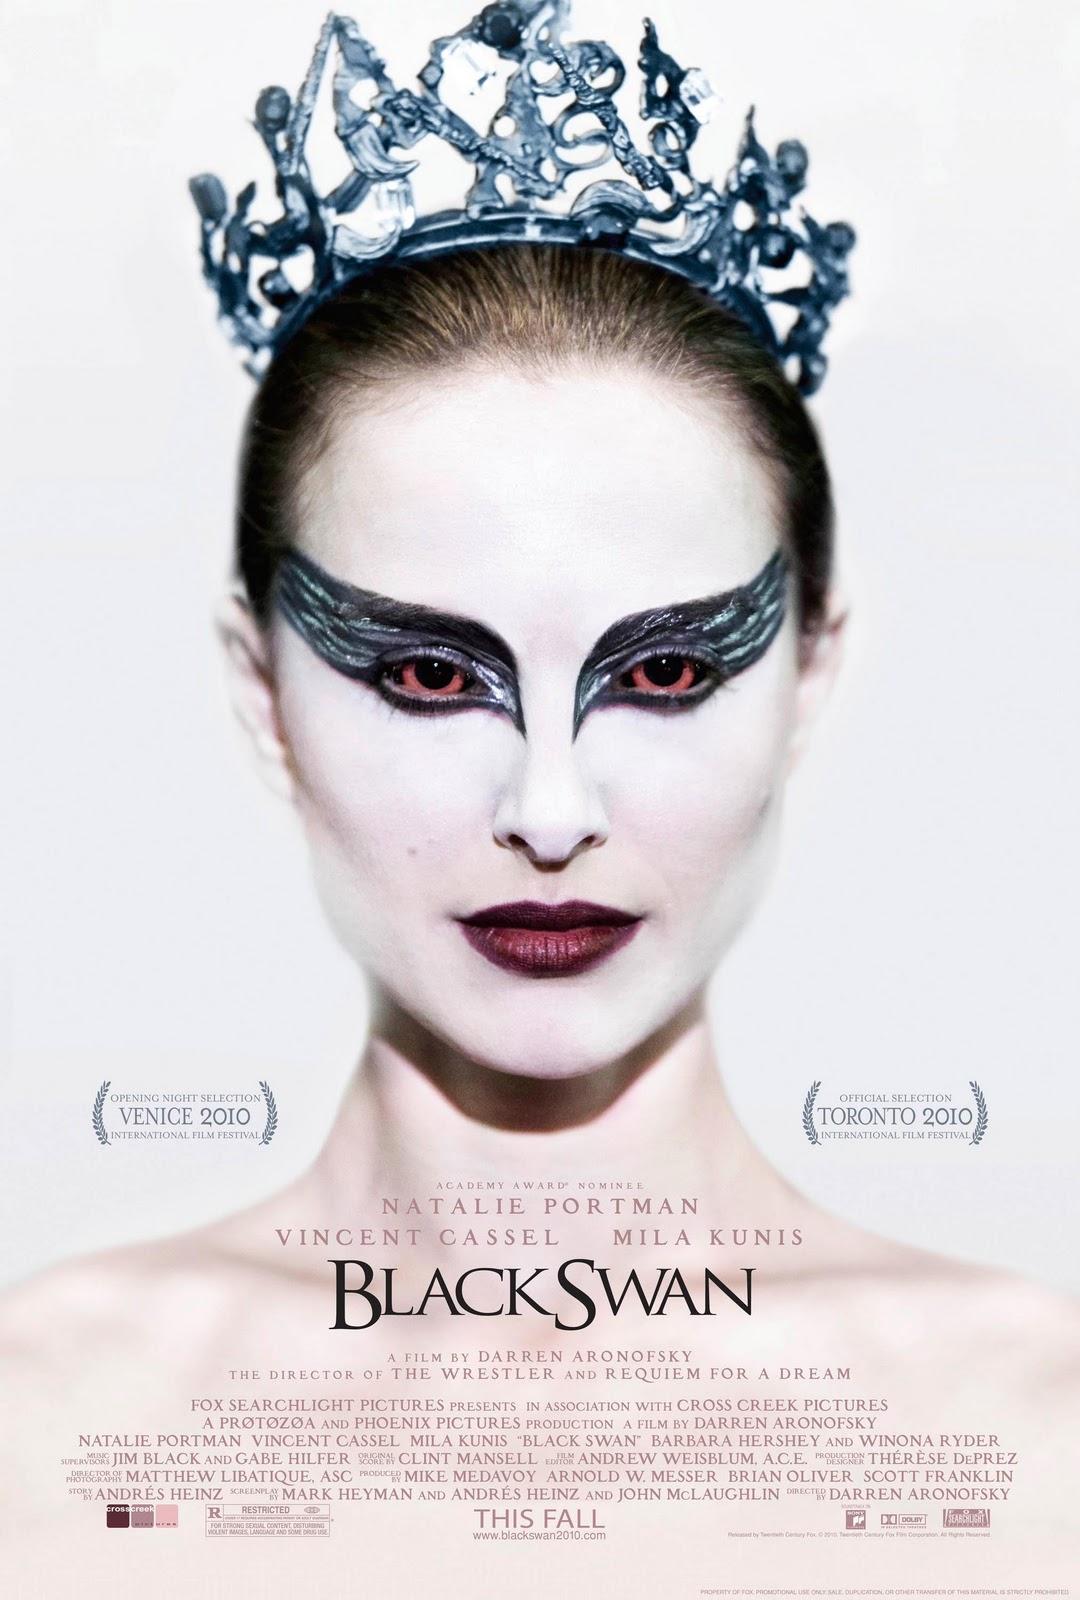 http://4.bp.blogspot.com/_oUHTr7qNs90/TS32DHiNz4I/AAAAAAAAAVU/p0N-K4SVON8/s1600/black_swan-poster.jpg